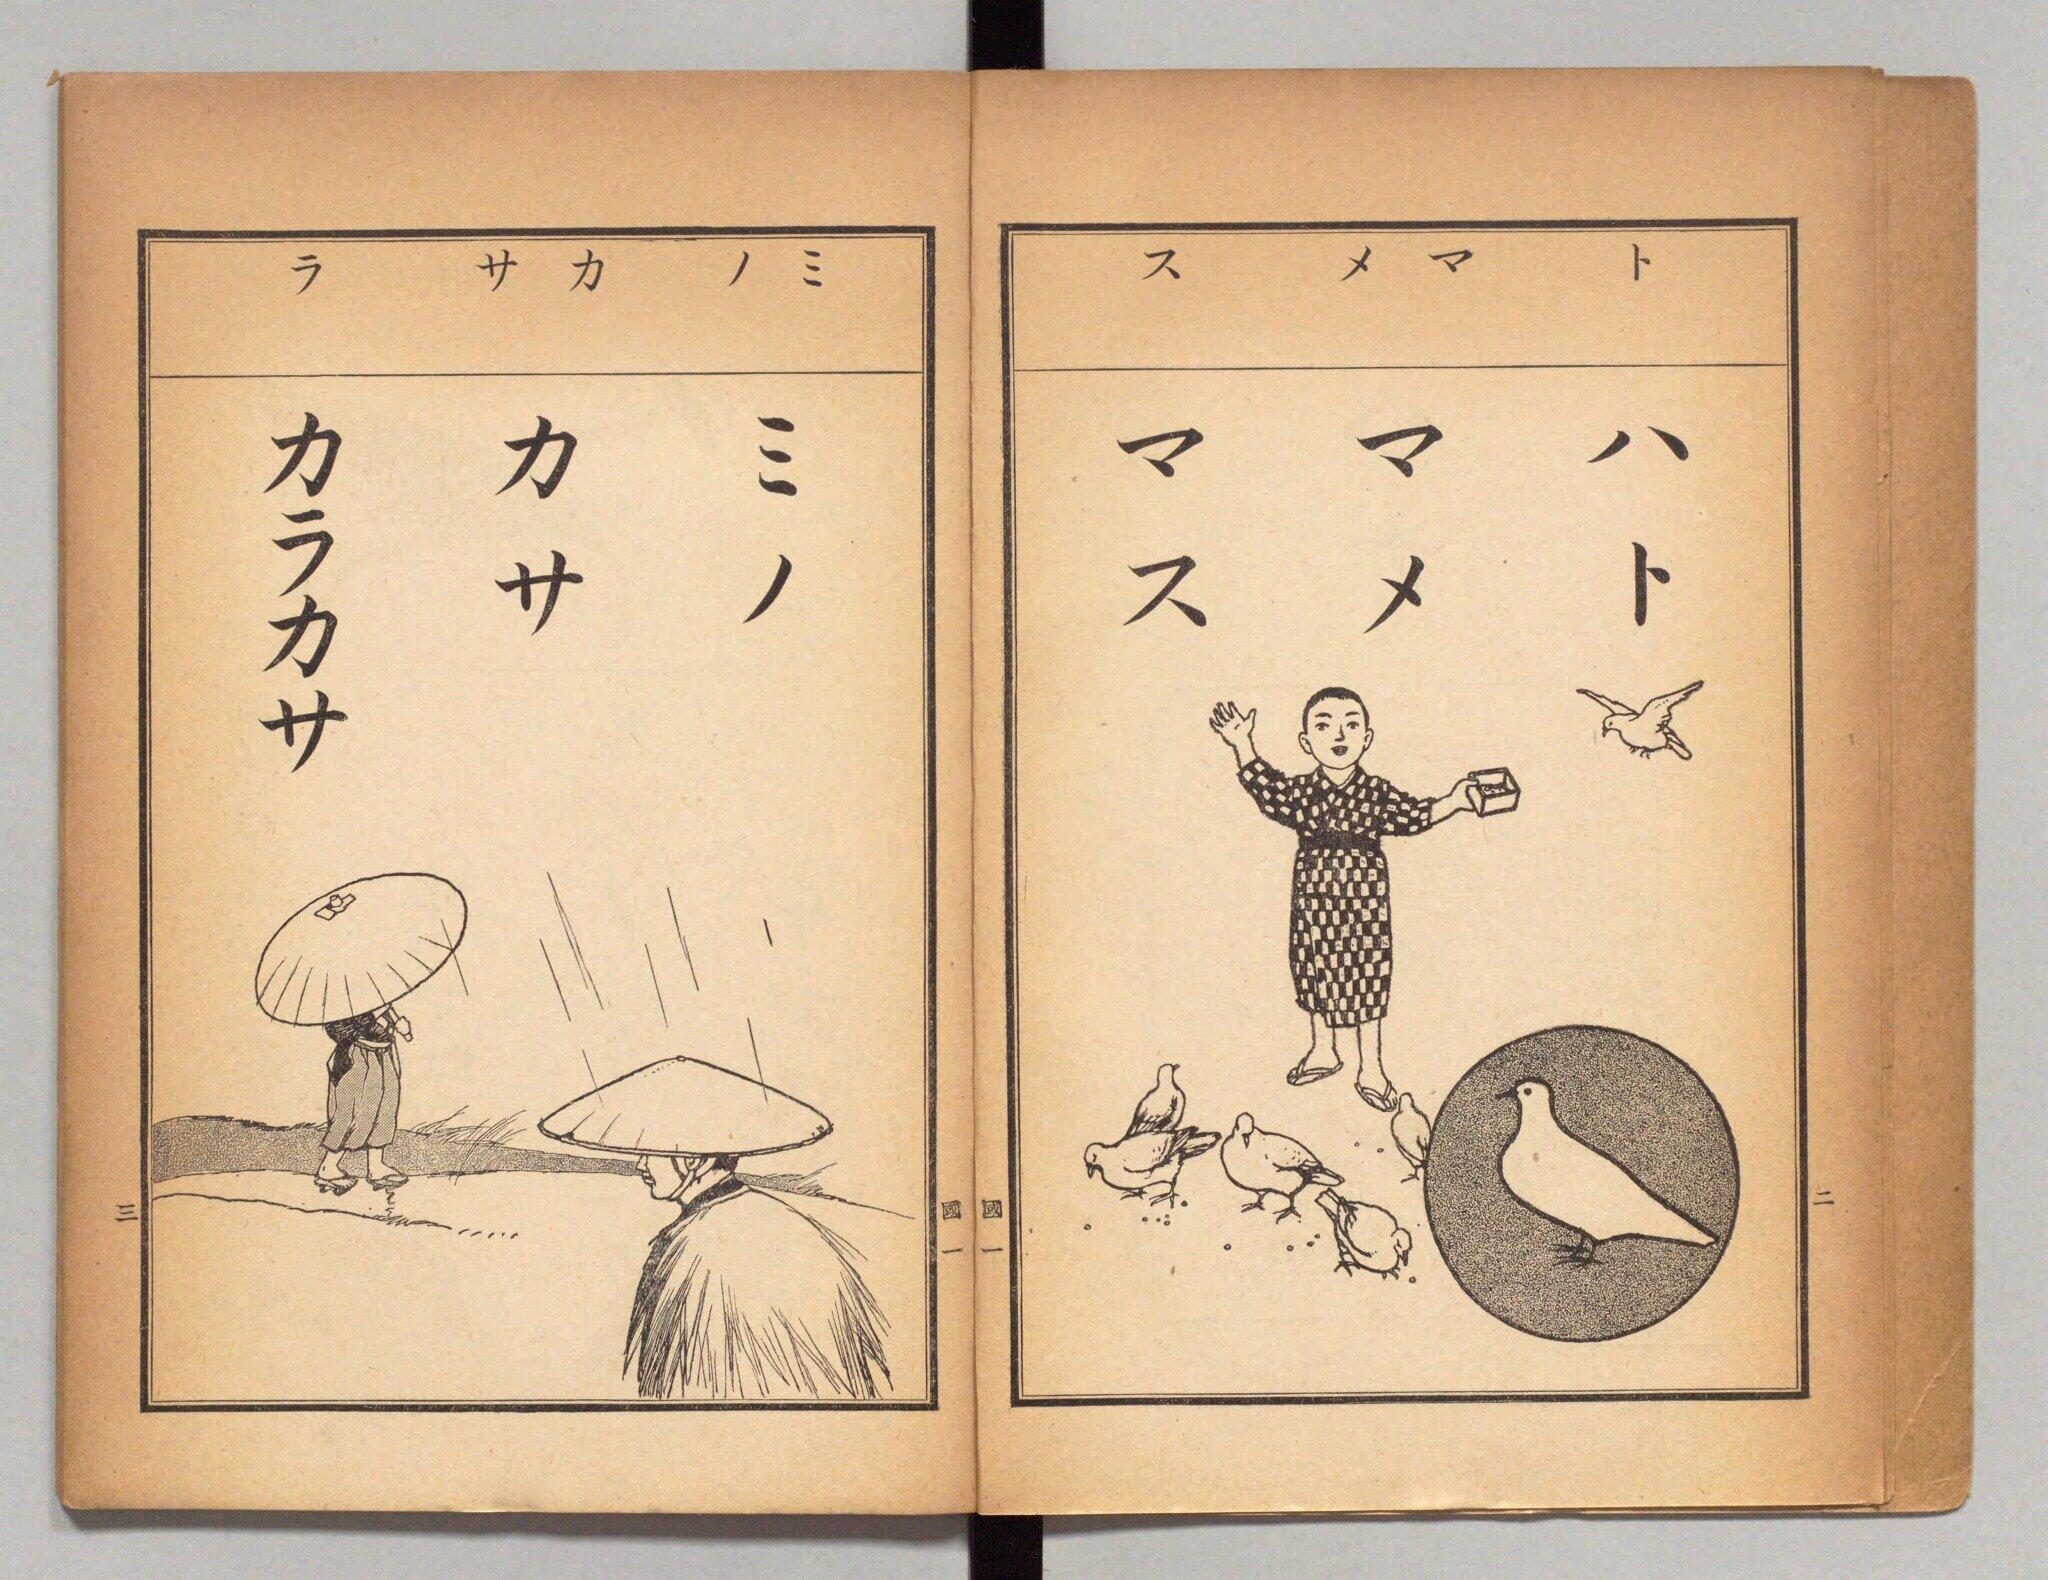 保阪正康の「不可視の視点」 明治維新150年でふり返る近代日本(48) 「市民的感覚」教えた「大正の教科書」